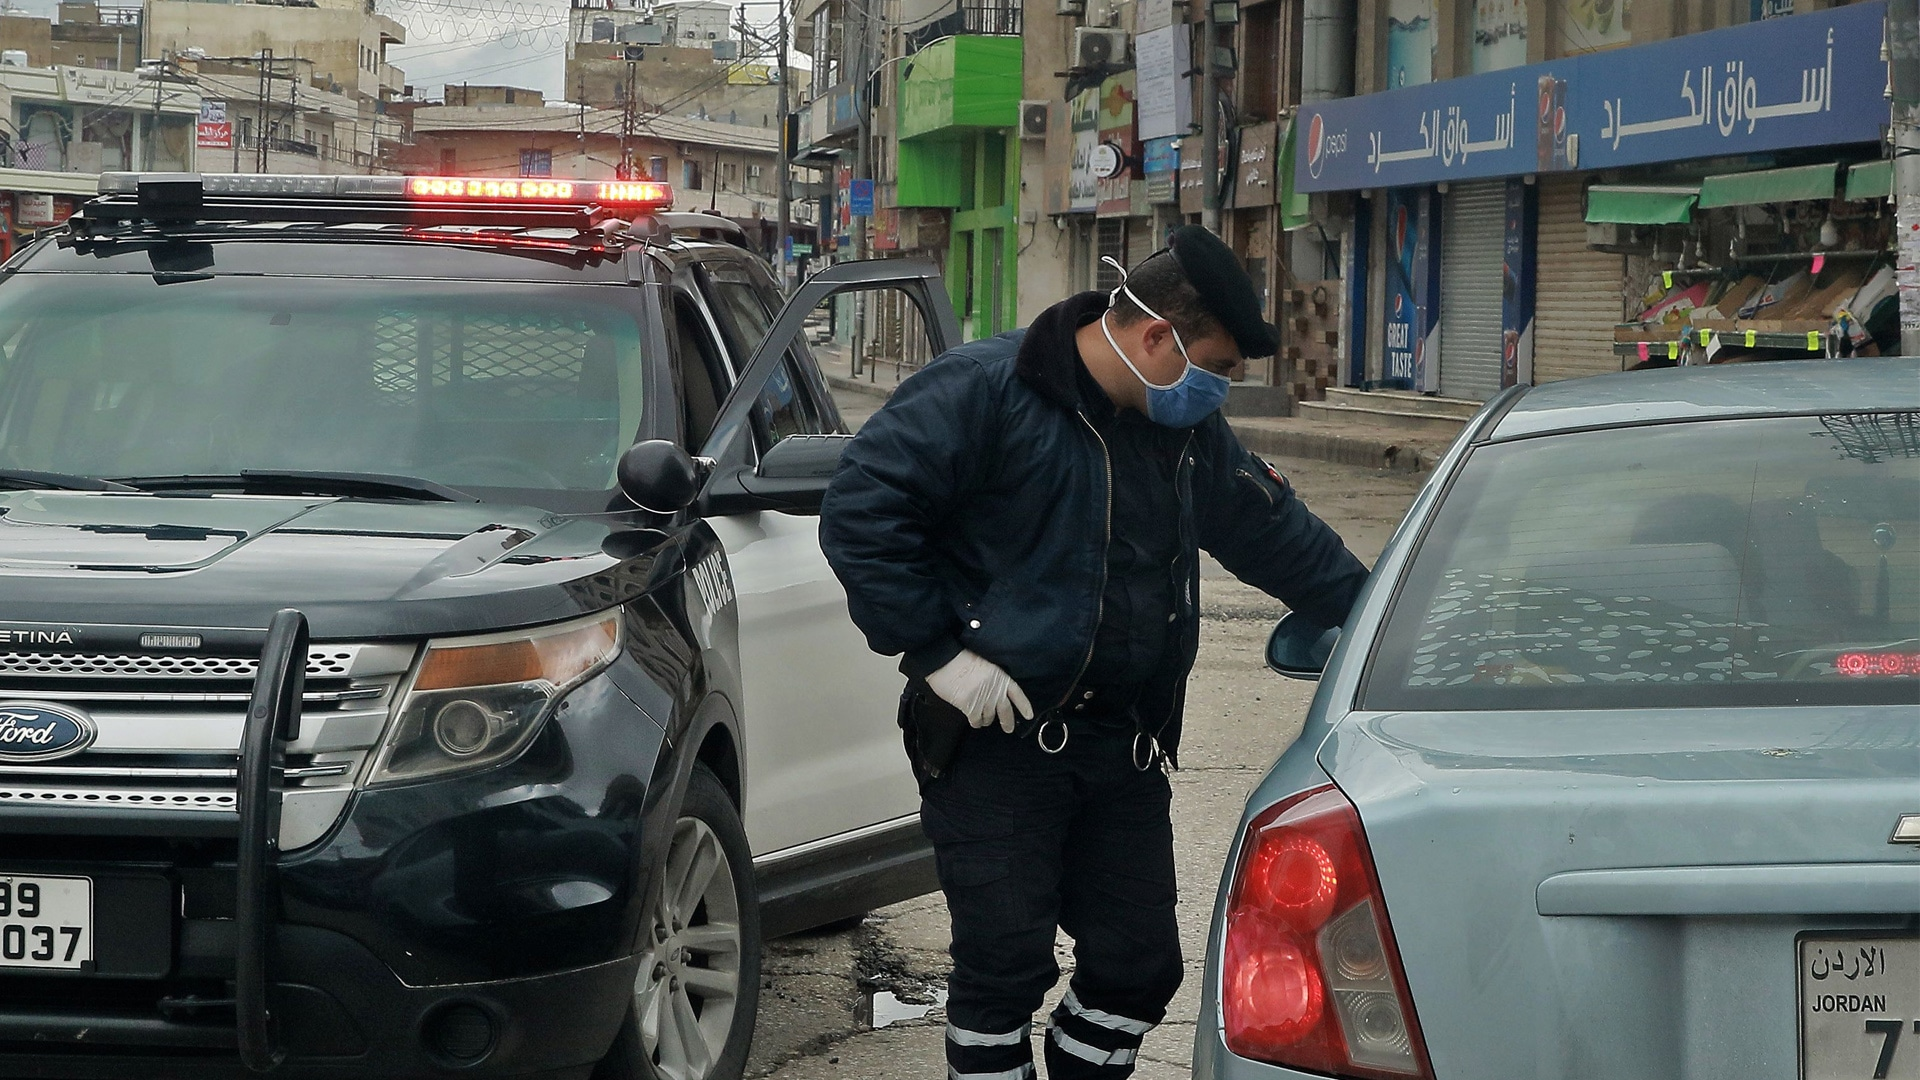 شاهد ما فعله أردني (لم يشم رائحة الرجولة) بزوجته في نهار رمضان يفجر غضب الأردنيين